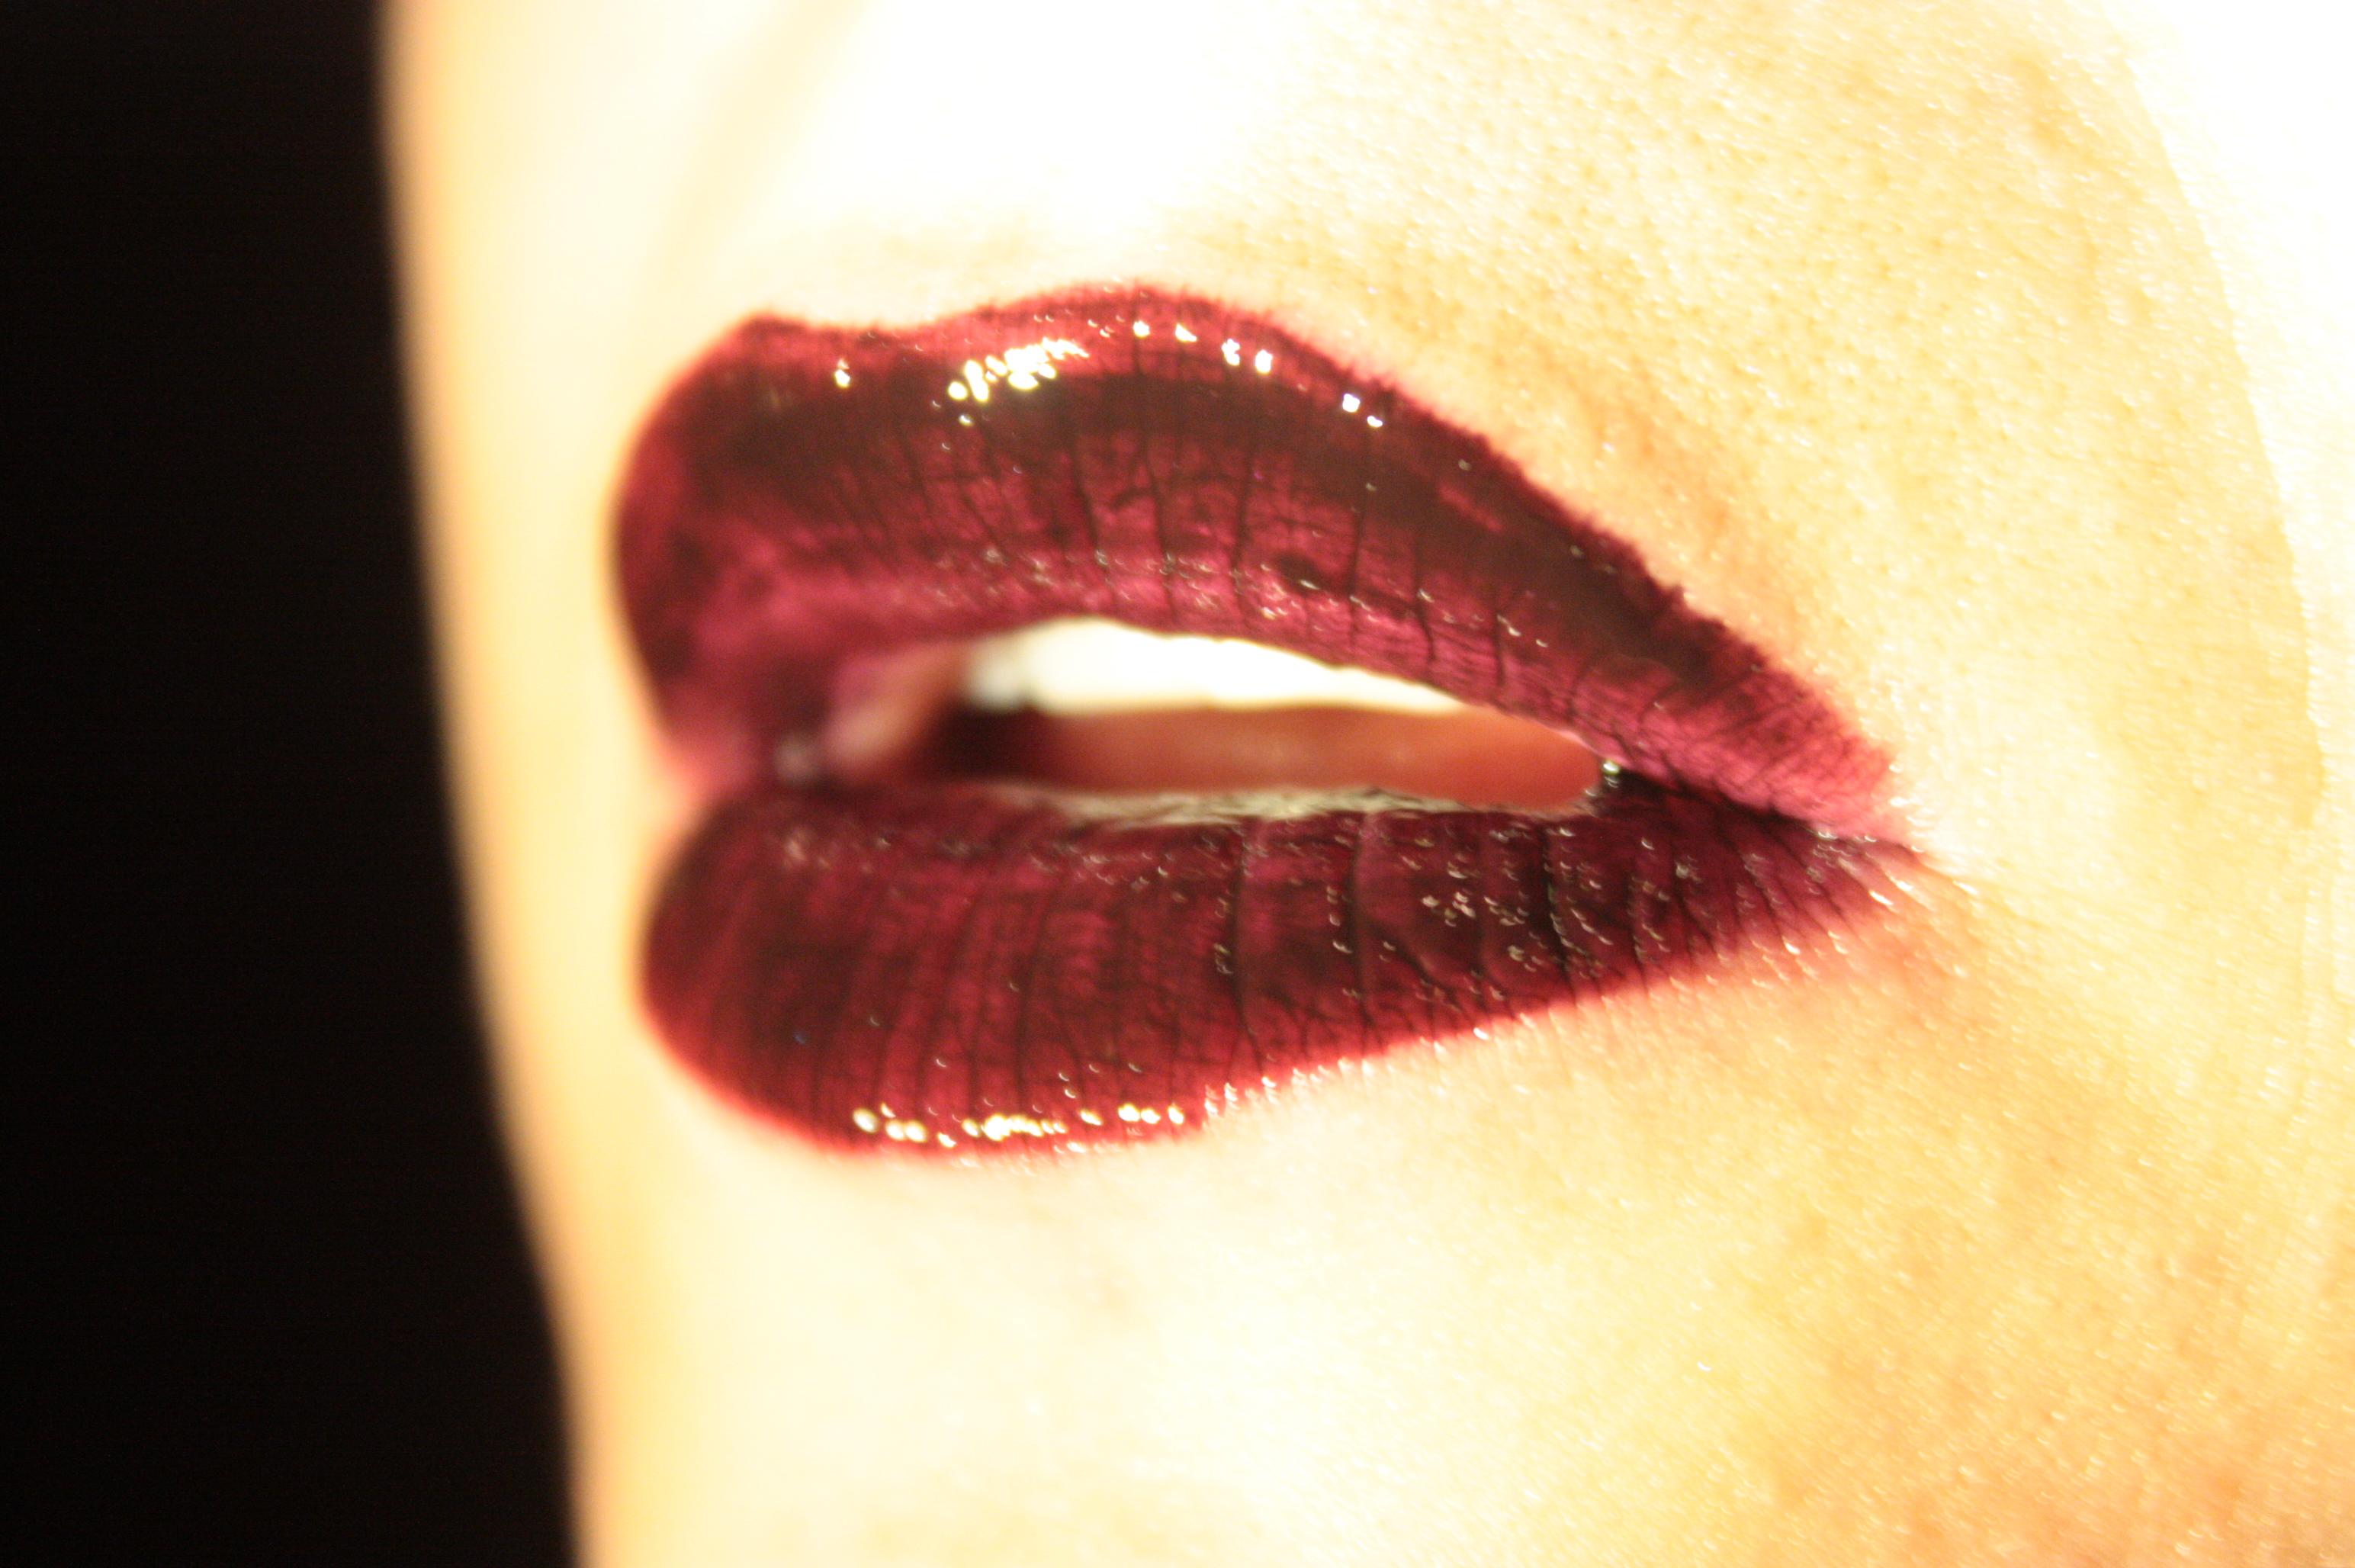 lipstick wikipedia